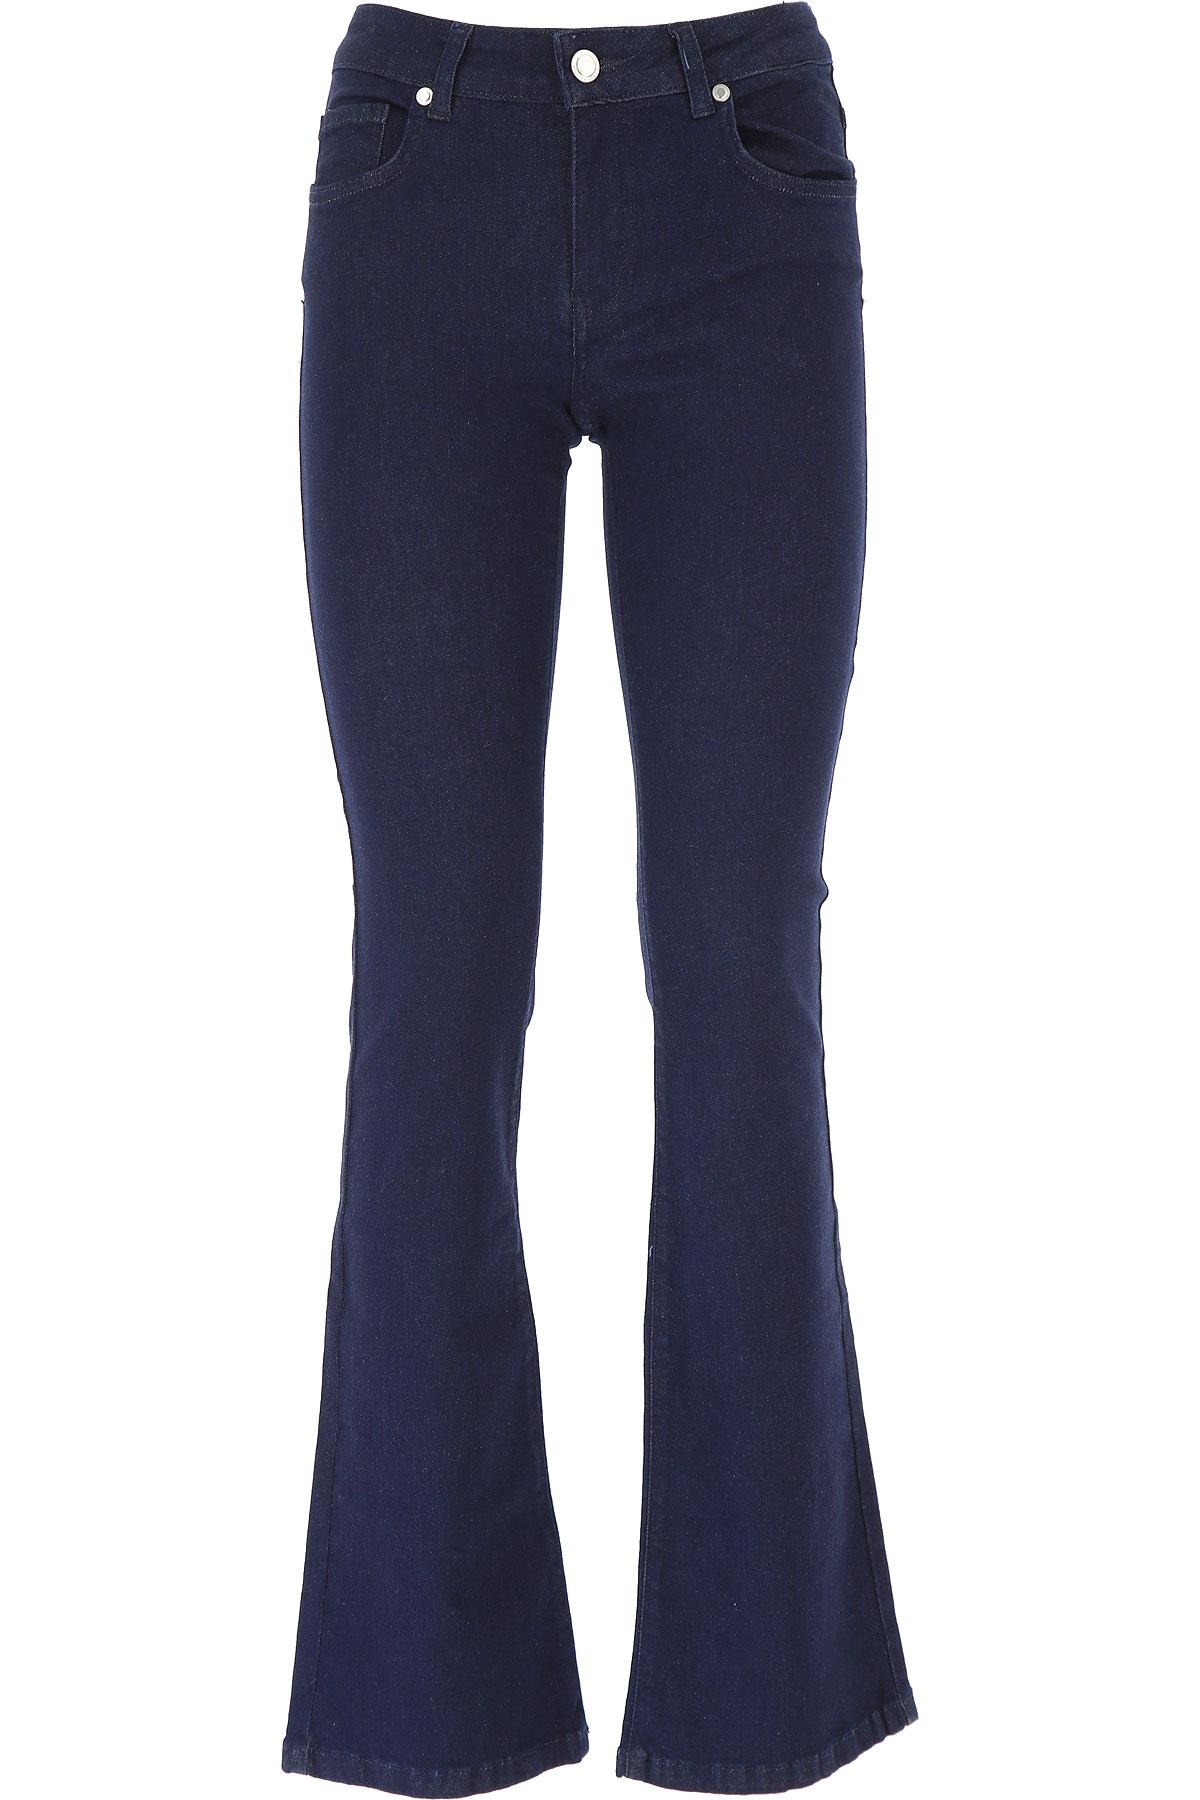 Silvian Heach Jeans On Sale, Dark Blue, Cotton, 2019, 25 26 28 29 30